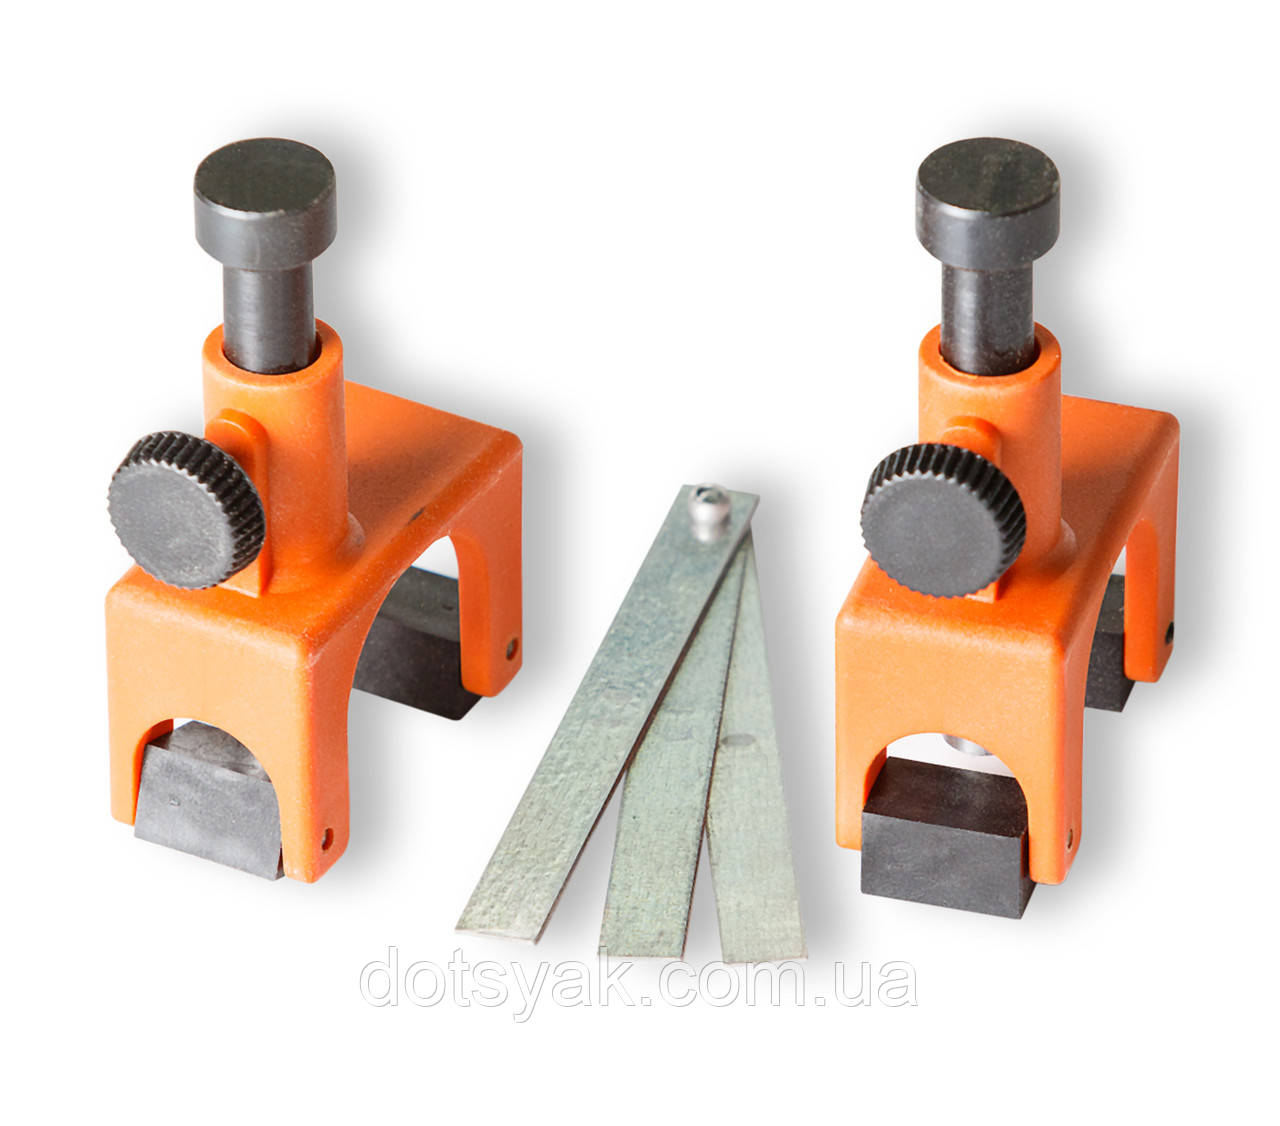 Комплект магнитных приспособлений для установки ножей BIMAQ